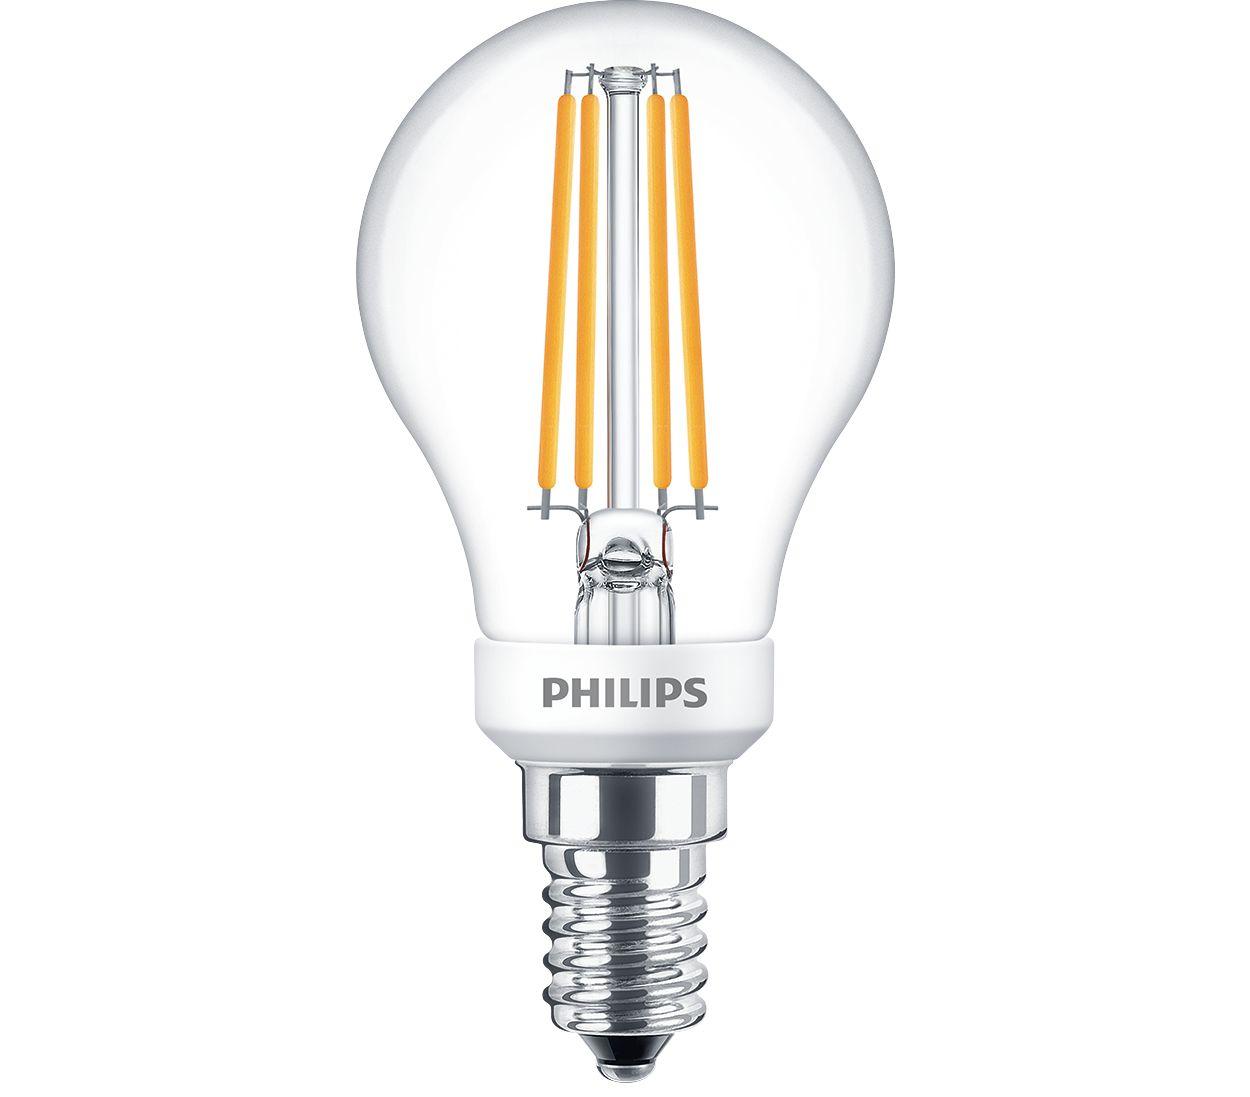 Philips Lampadina a LED Lampadina a LED - Philedlus40e14d